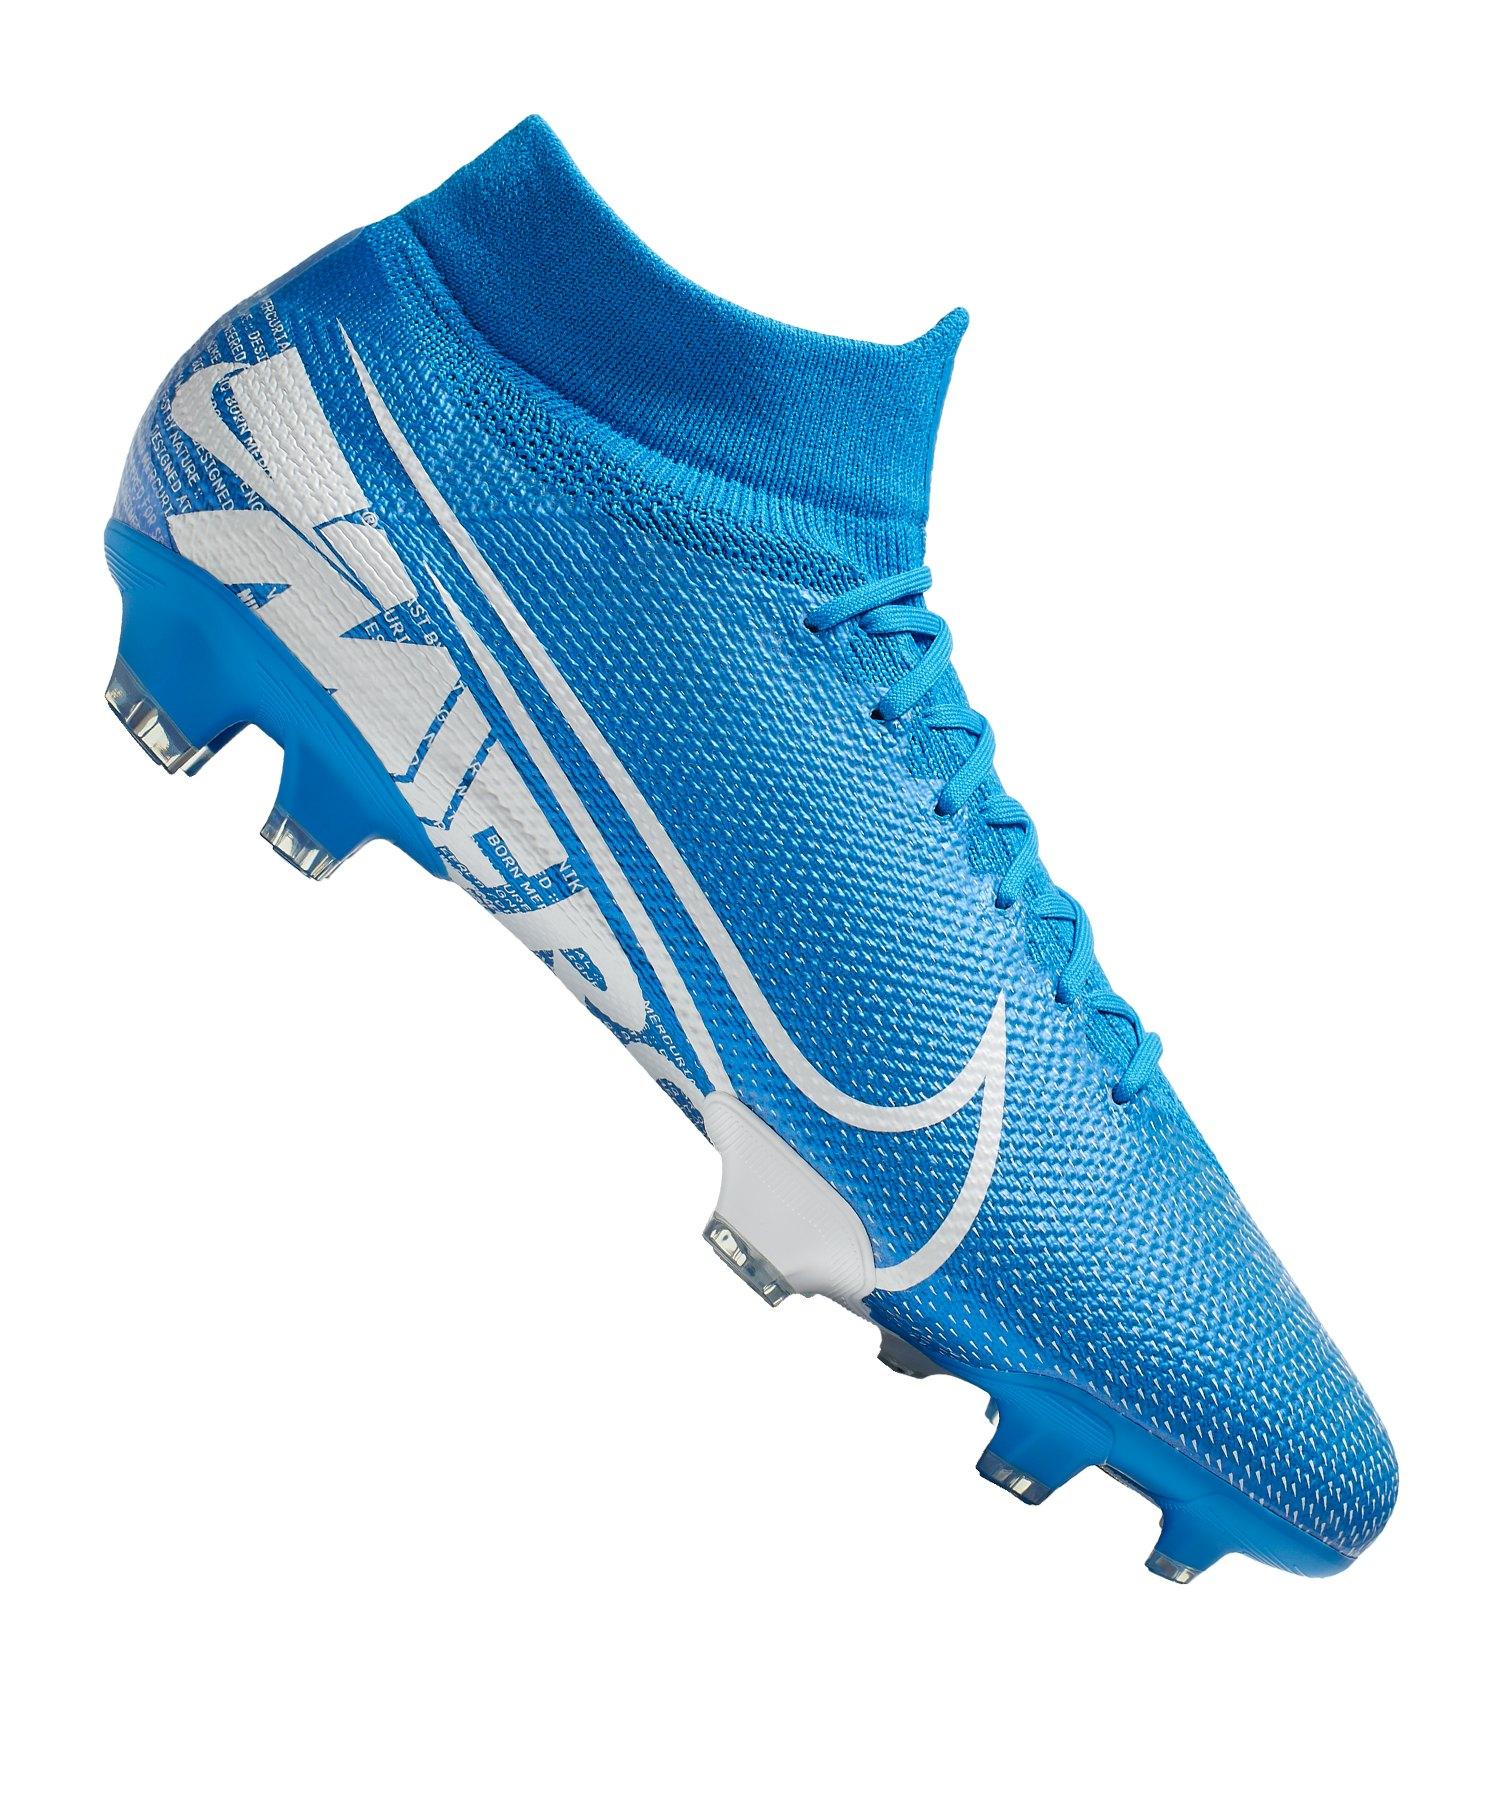 schöner Stil verkauf usa online exklusives Sortiment Nike Mercurial Superfly VII Pro FG Blau Weiss F414